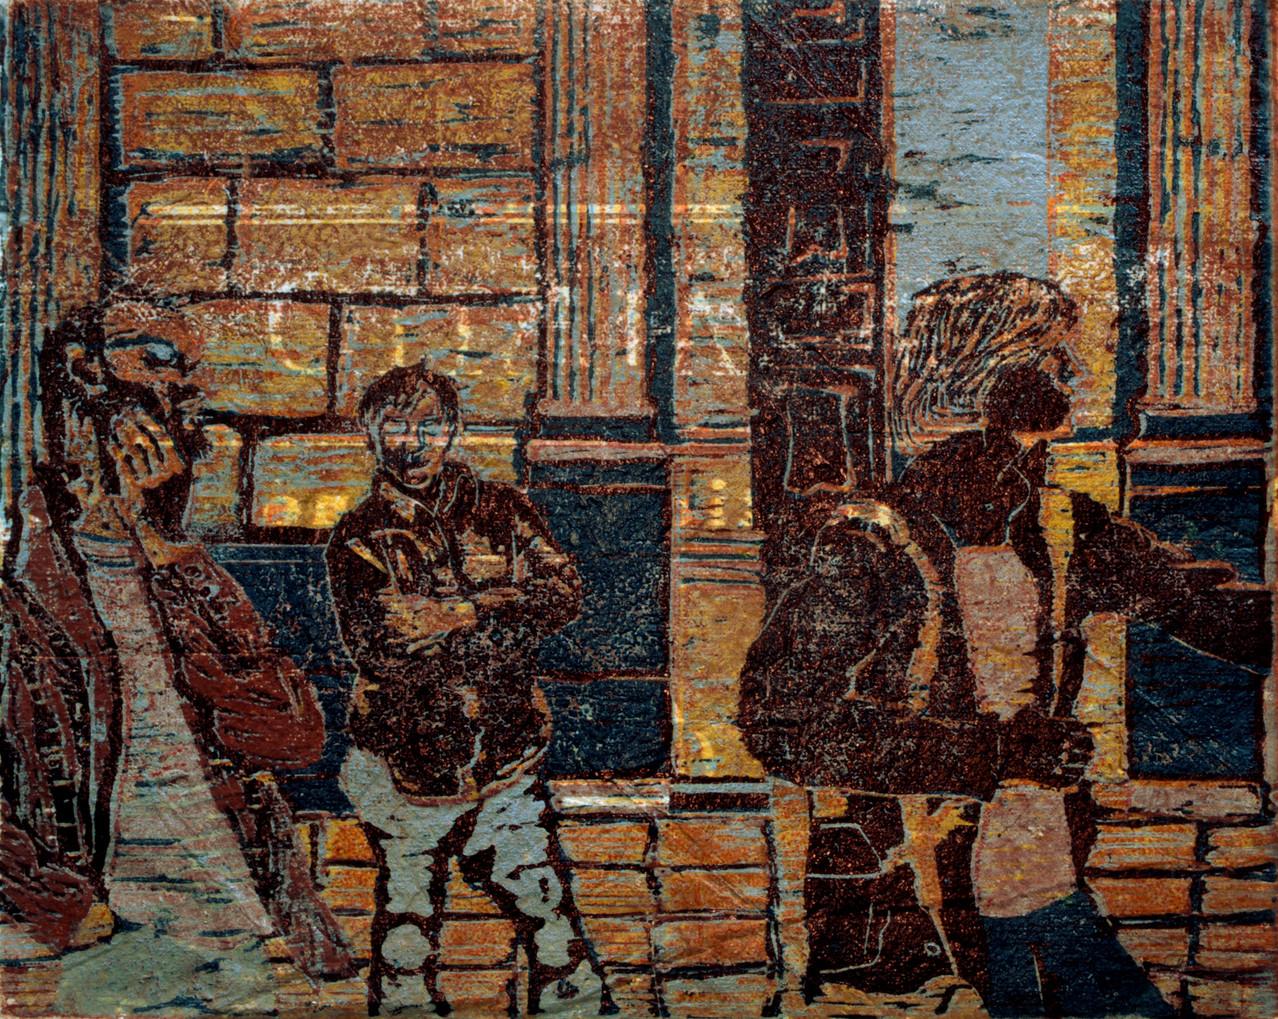 Touristen · 2013, Holzschnitt, 26 x 32 cm